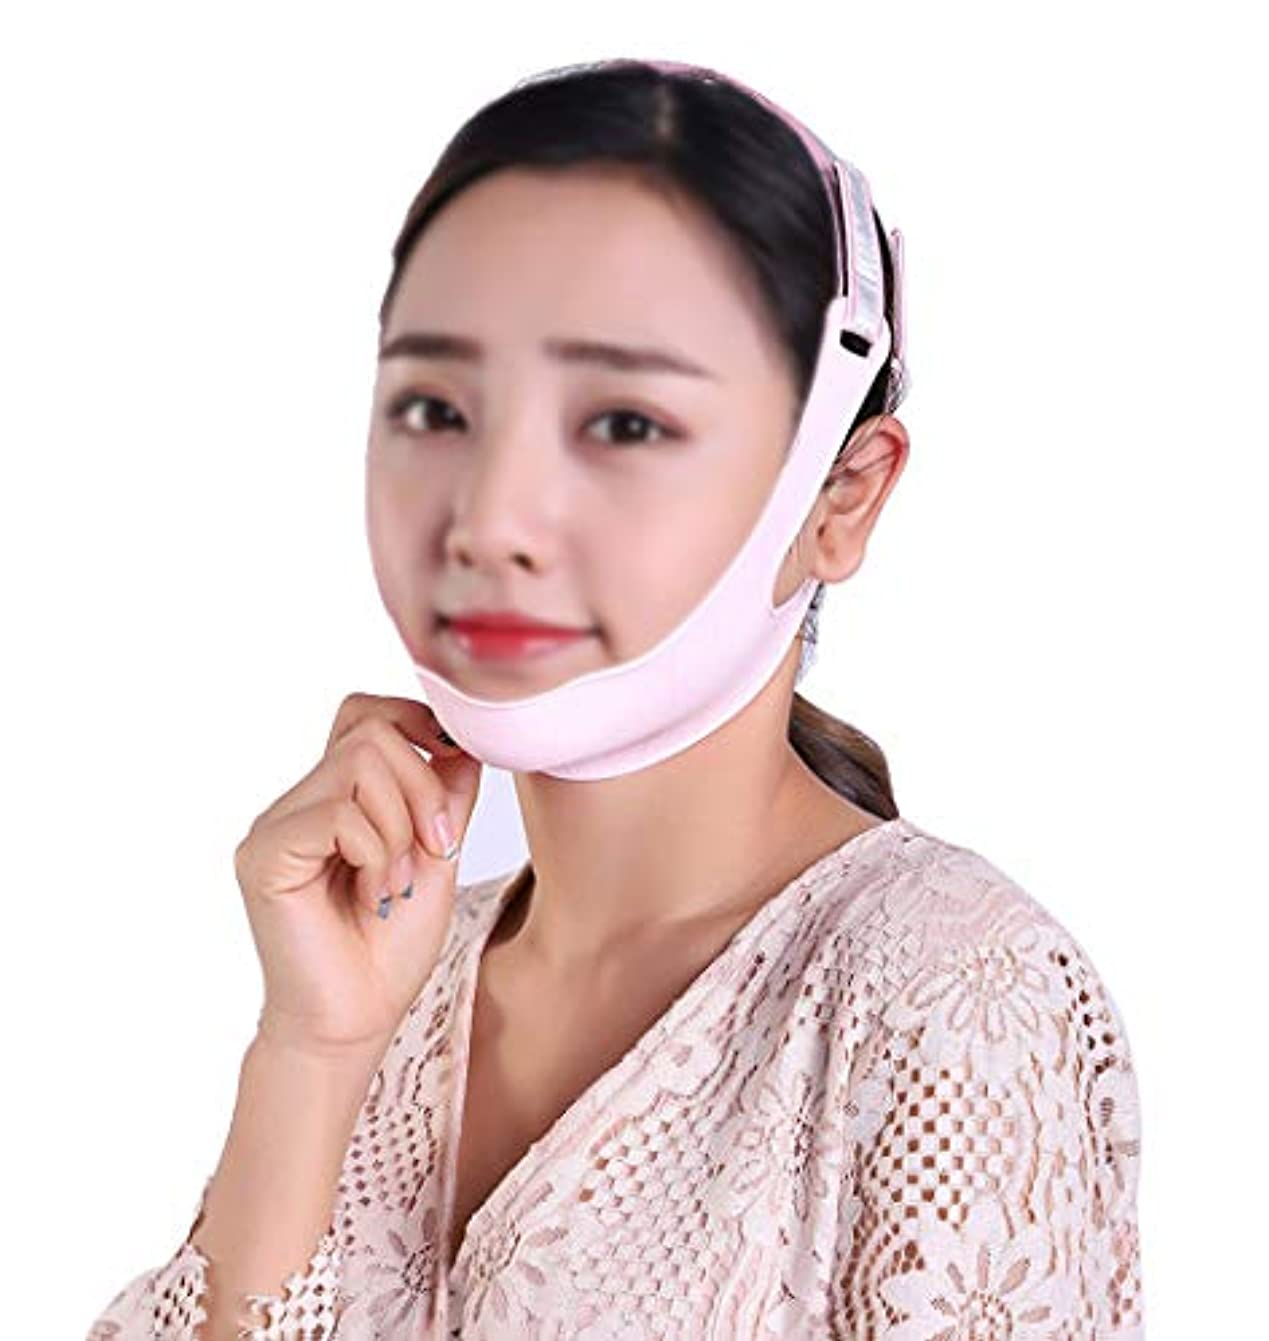 が欲しい廃棄するマングルGLJJQMY フェイシャルリフティングマスクシリコンVマスク引き締めフェイシャル包帯スモールVフェイスアーティファクト防止リラクゼーションフェイシャル&ネックリフティング 顔用整形マスク (Size : L)